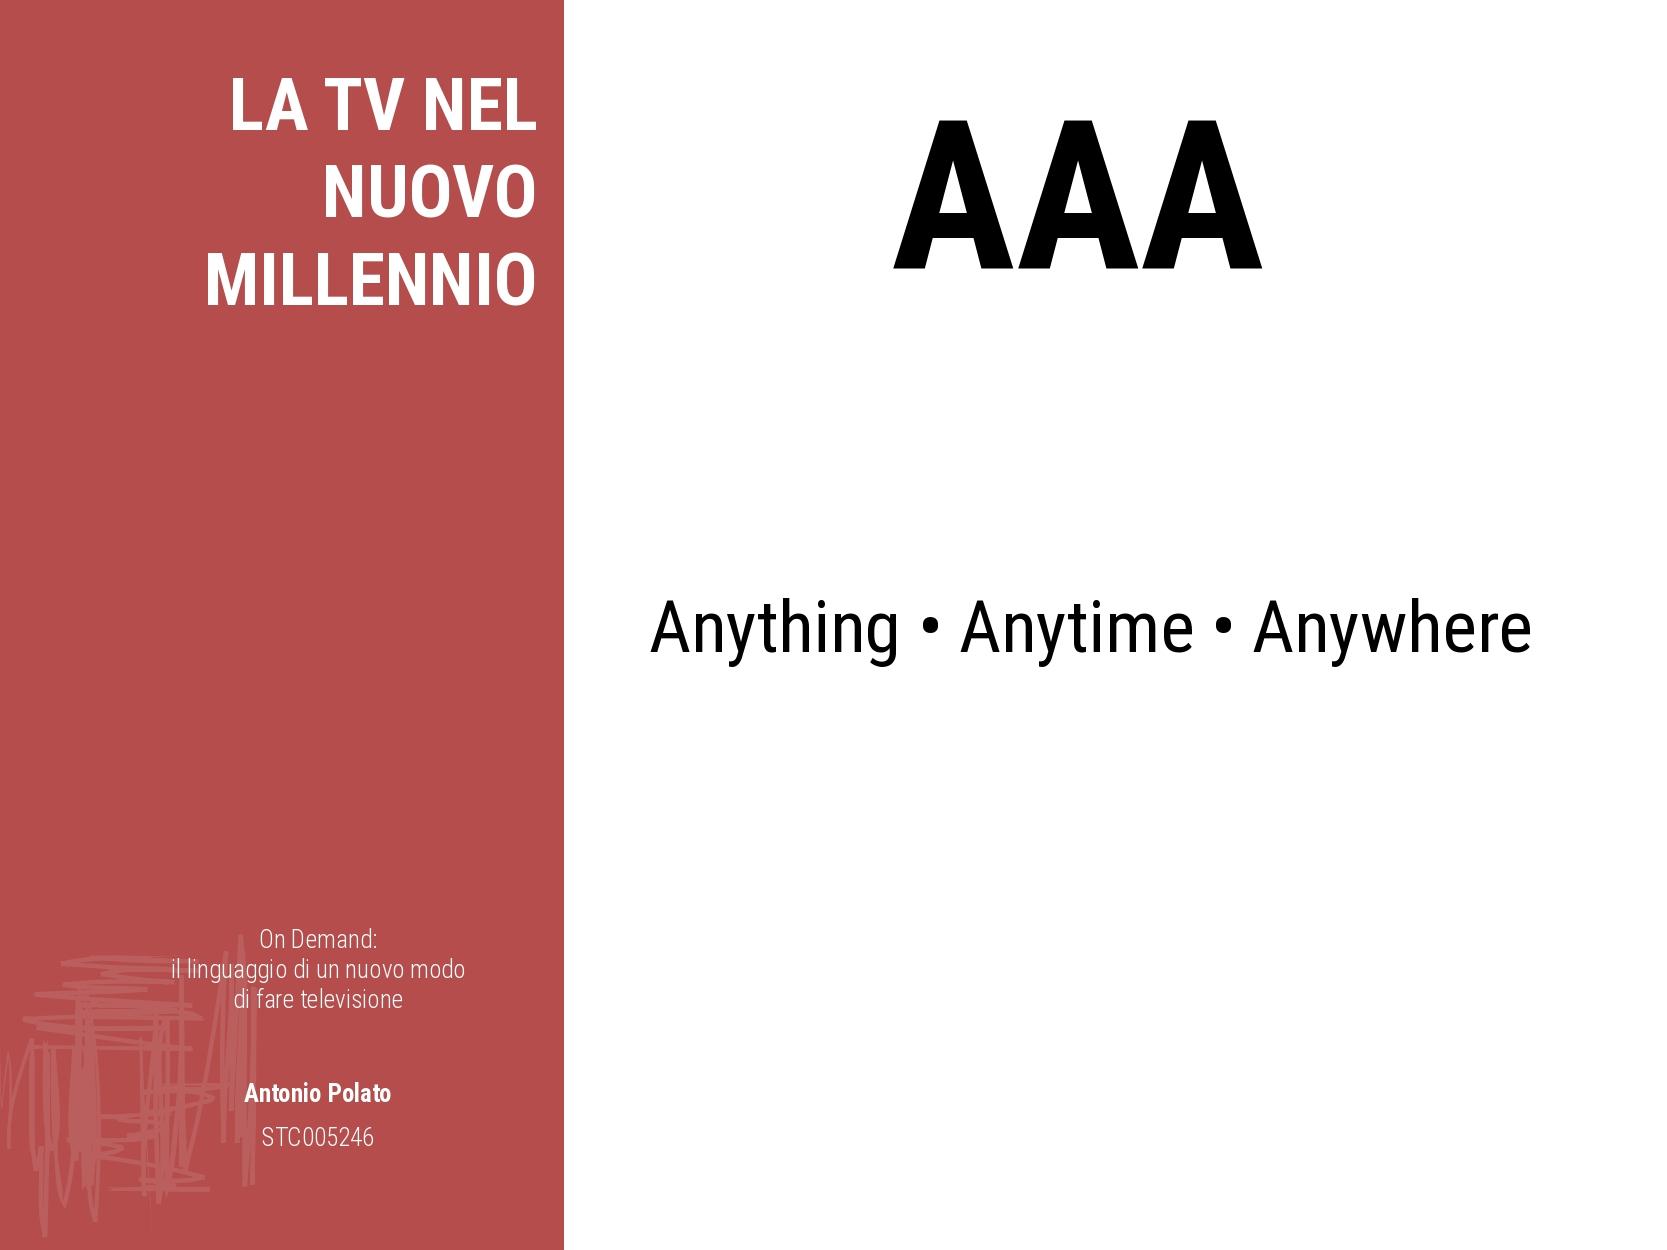 On demand il linguaggio di un nuovo modo di fare la televisione Antonio Polato aaa